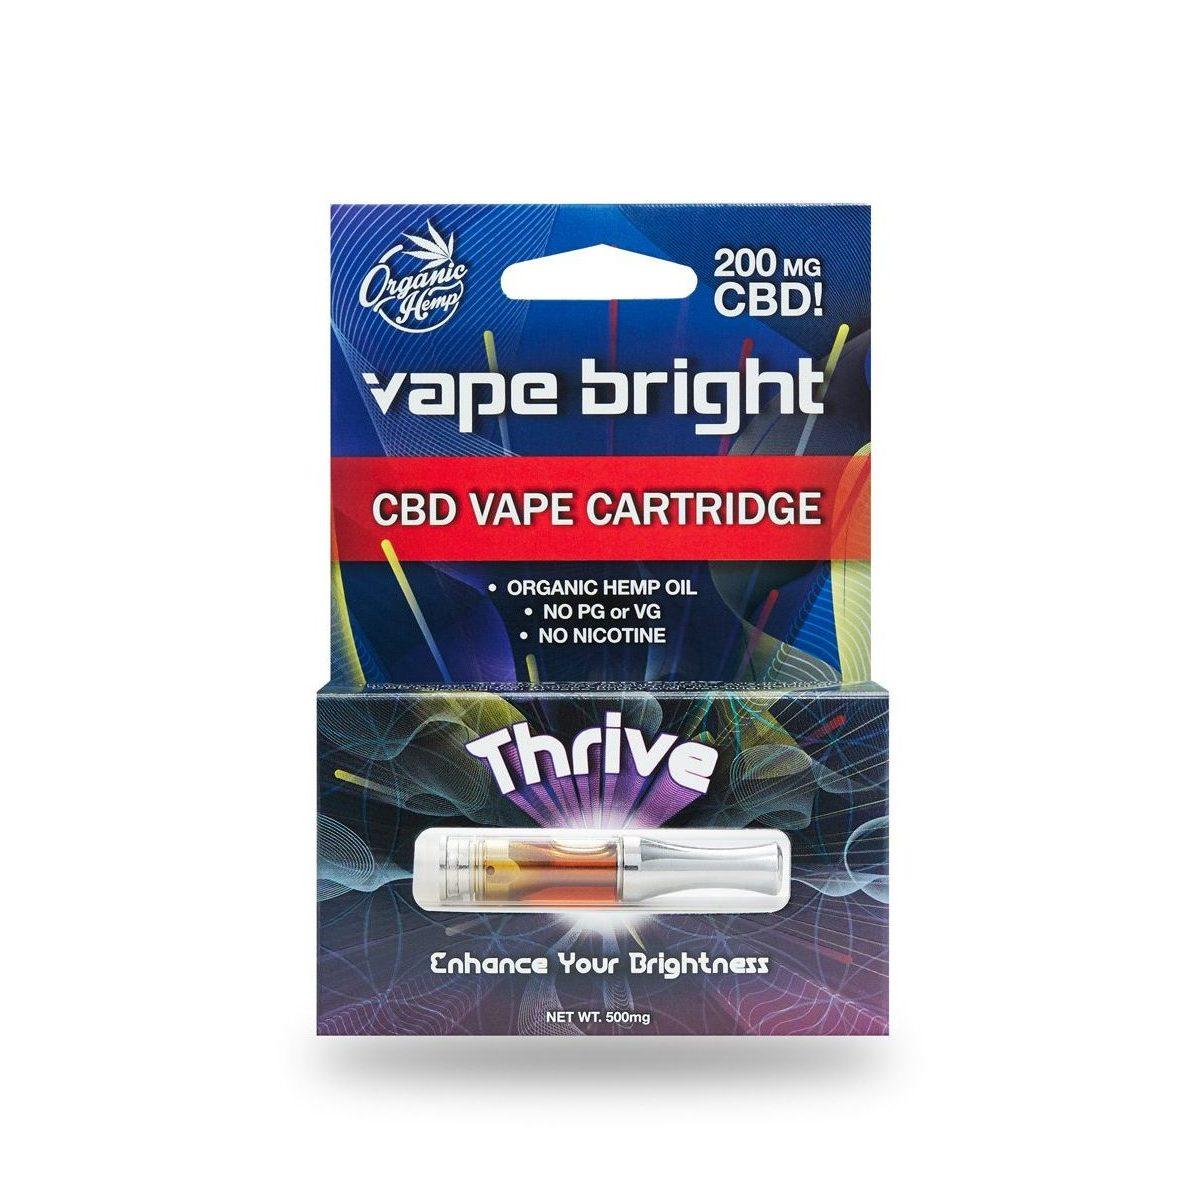 THRIVE CBD VAPE CARTRIDGE – 200MG Vape Bright